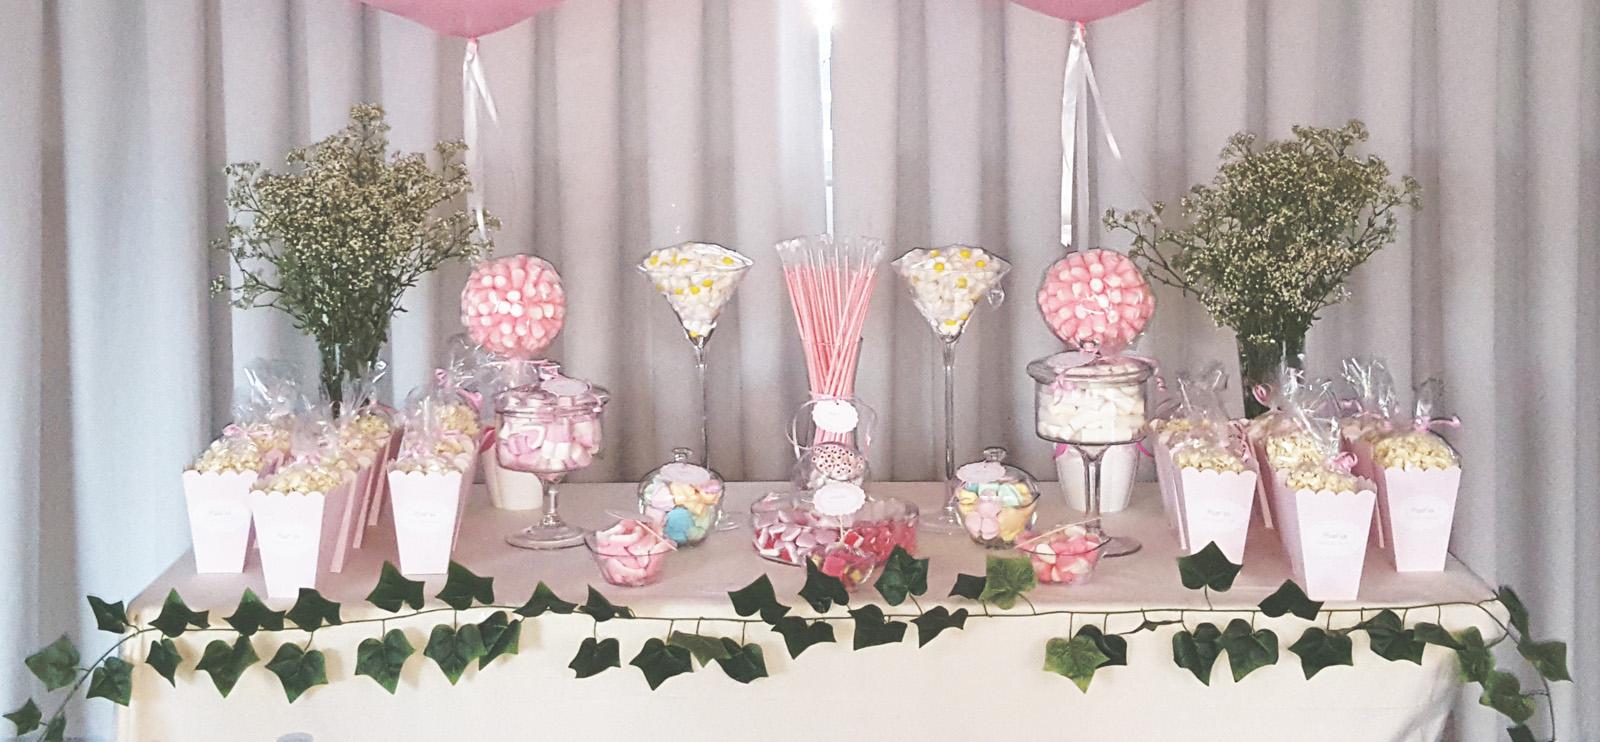 Mesas dulces en granada decoradas con globos y mucho m s for Decoracion para mesa dulce